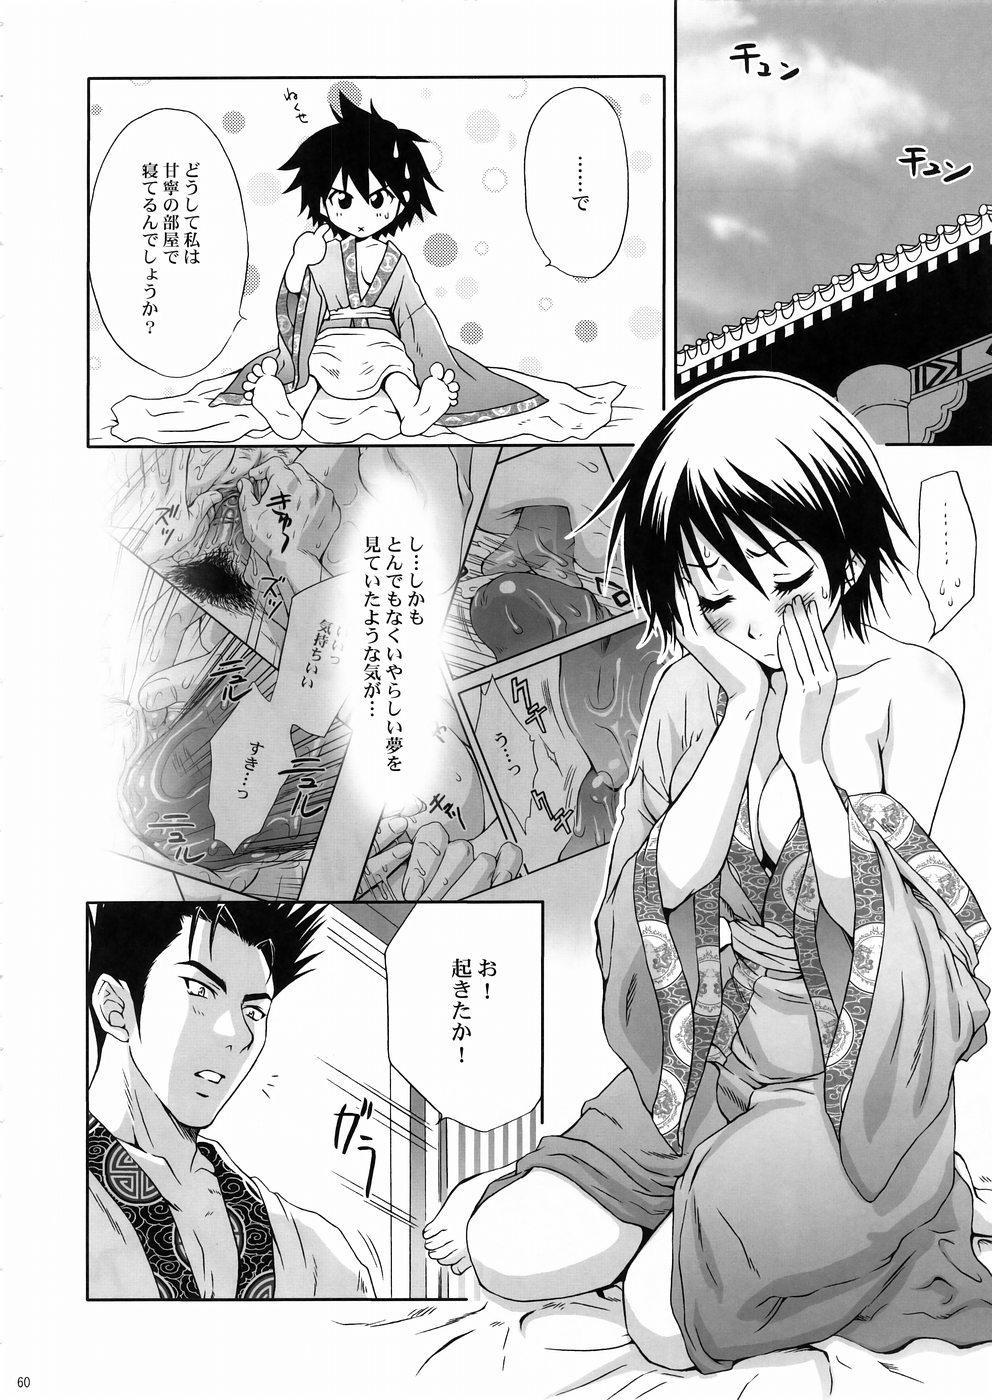 In Sangoku Musou 3 58